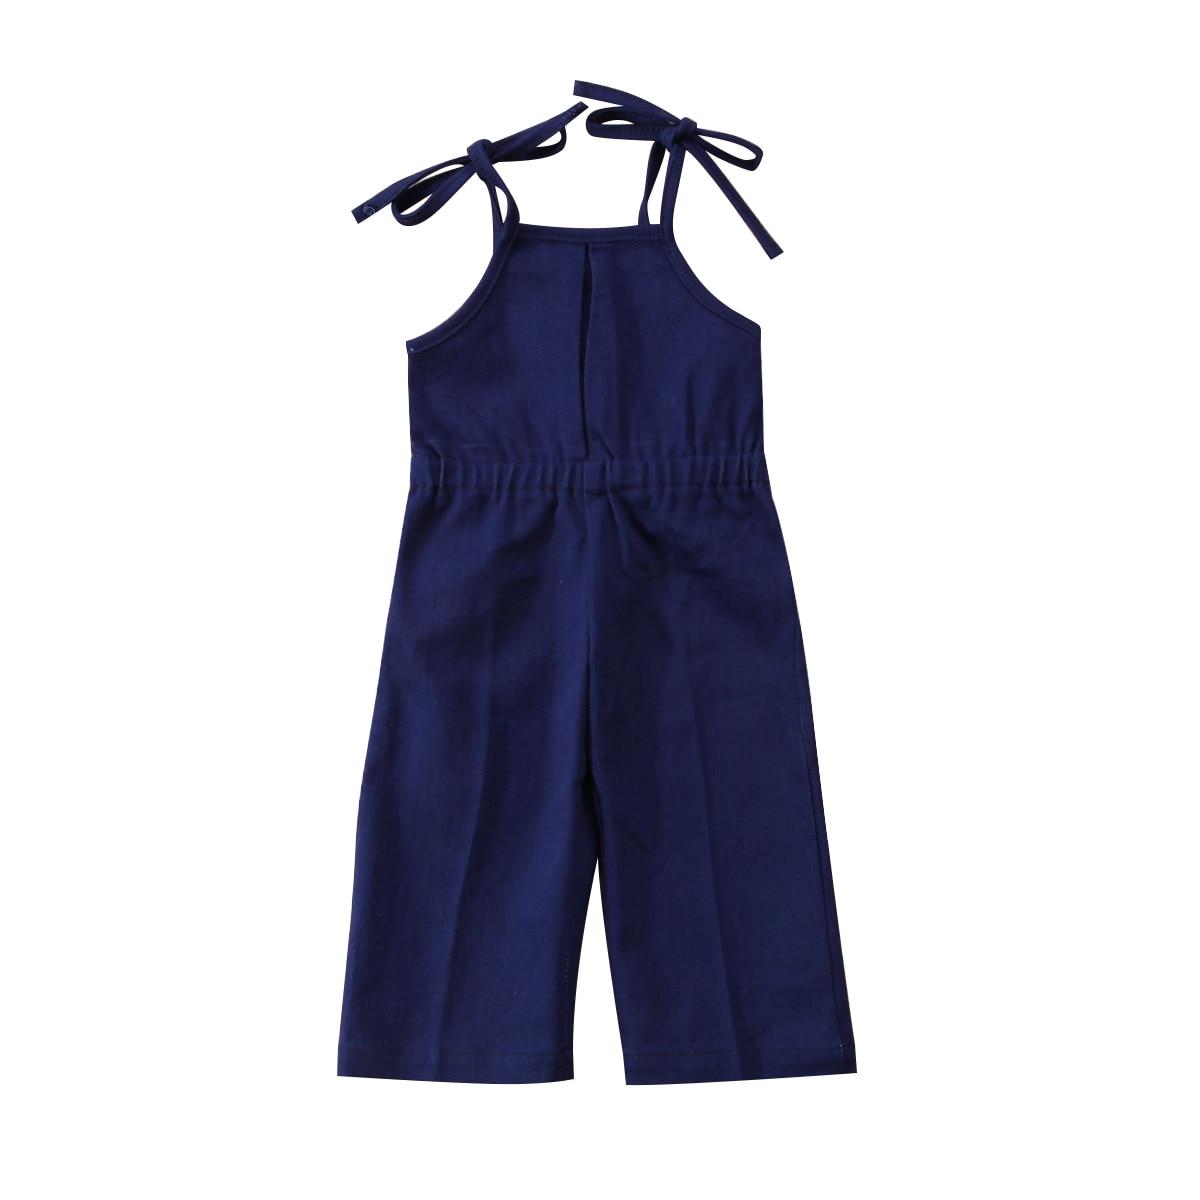 Bambino Delle Ragazze Dei Capretti Abbigliamento Denim Salopette Cinghia Del Pagliaccetto Tuta Tuta Outfit Abbigliamento